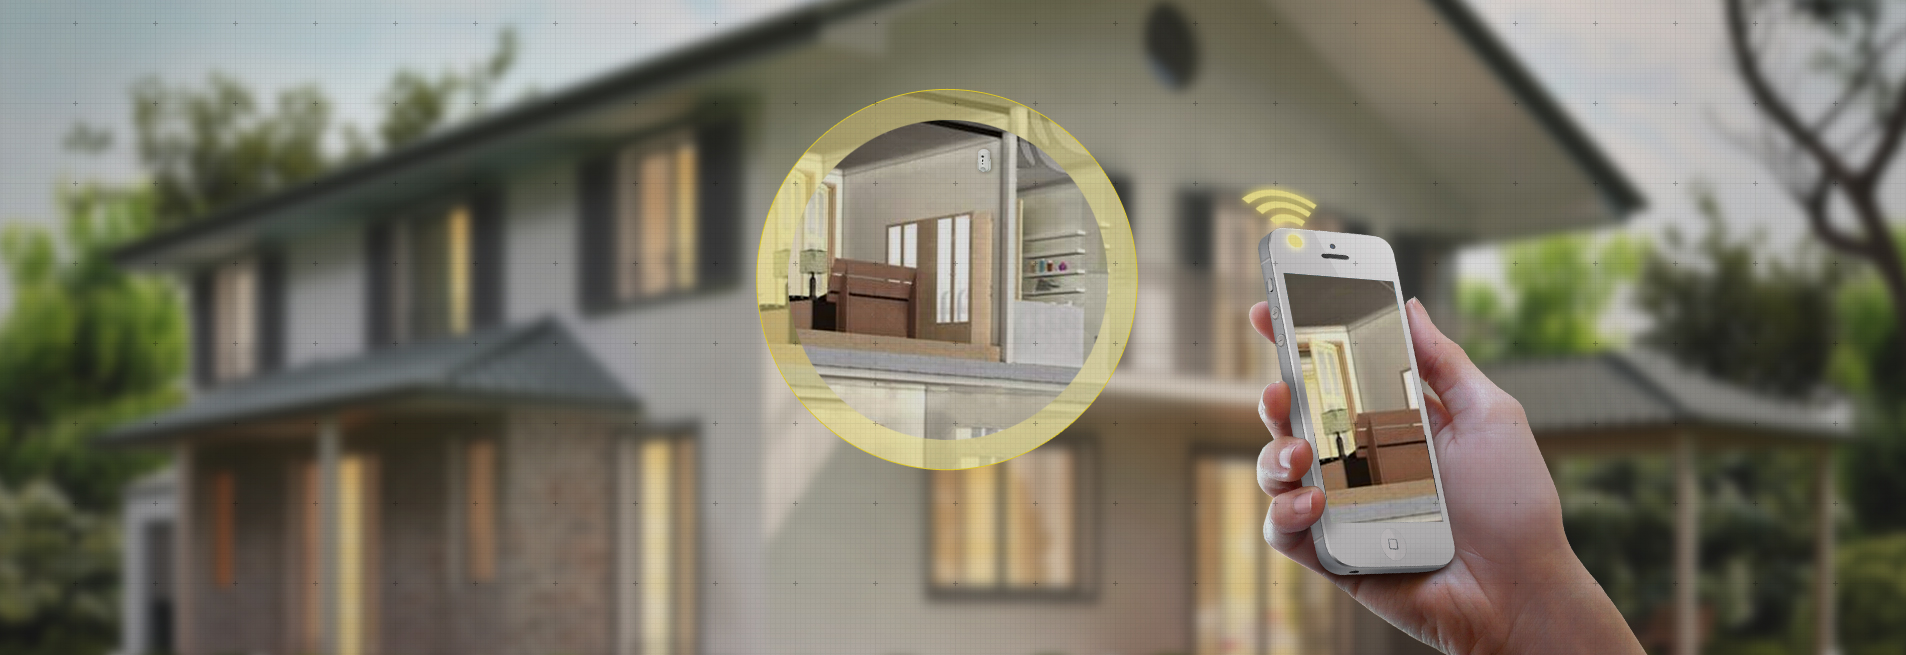 Allarme wifi sistemi di allarme senza fili sistemi di - Allarmi casa senza fili ...